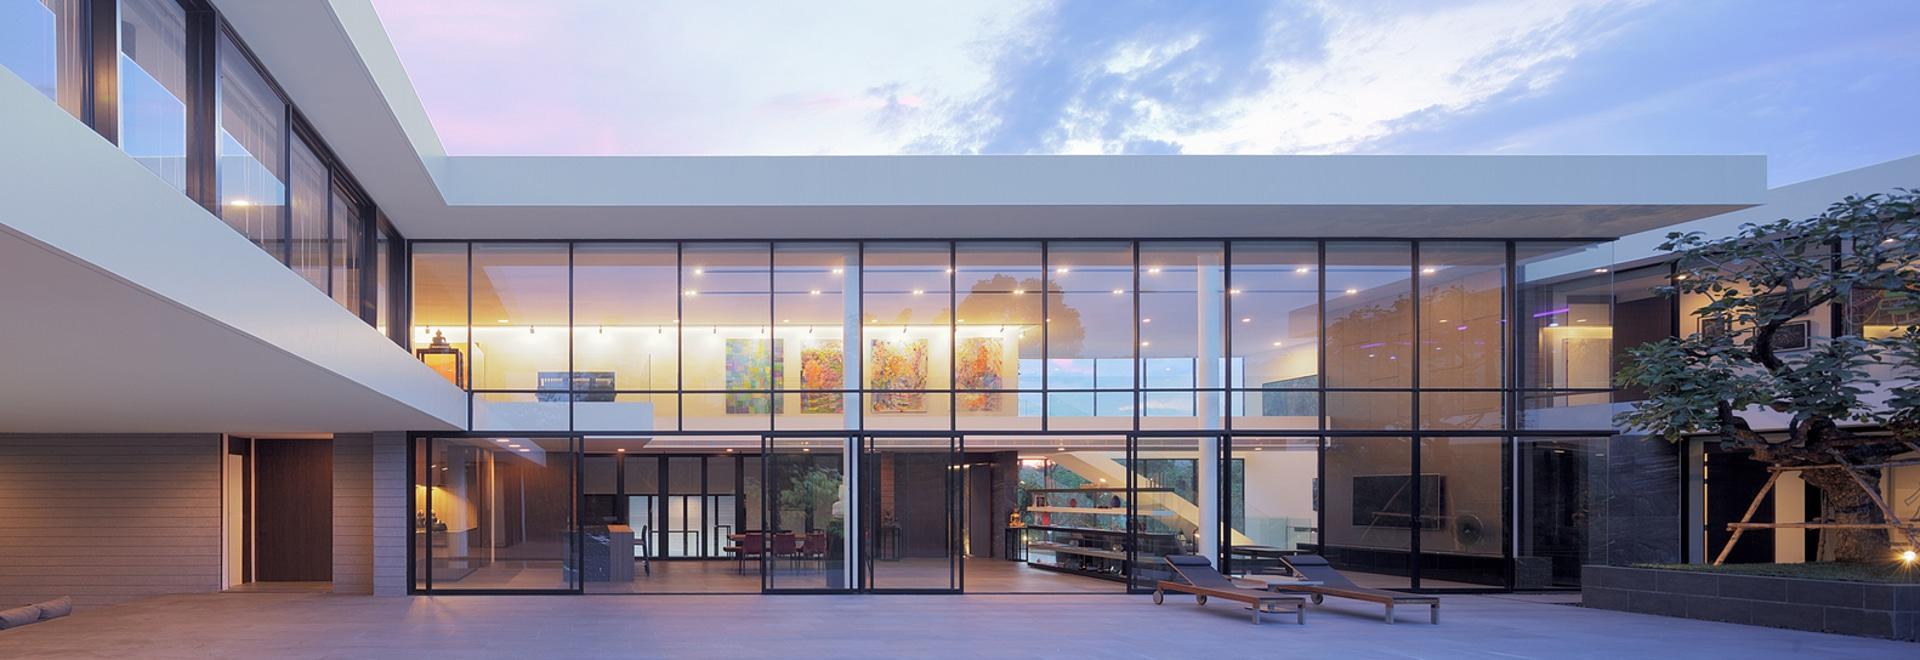 Horizontales Haus/Ayutt und Mitarbeiter entwerfen